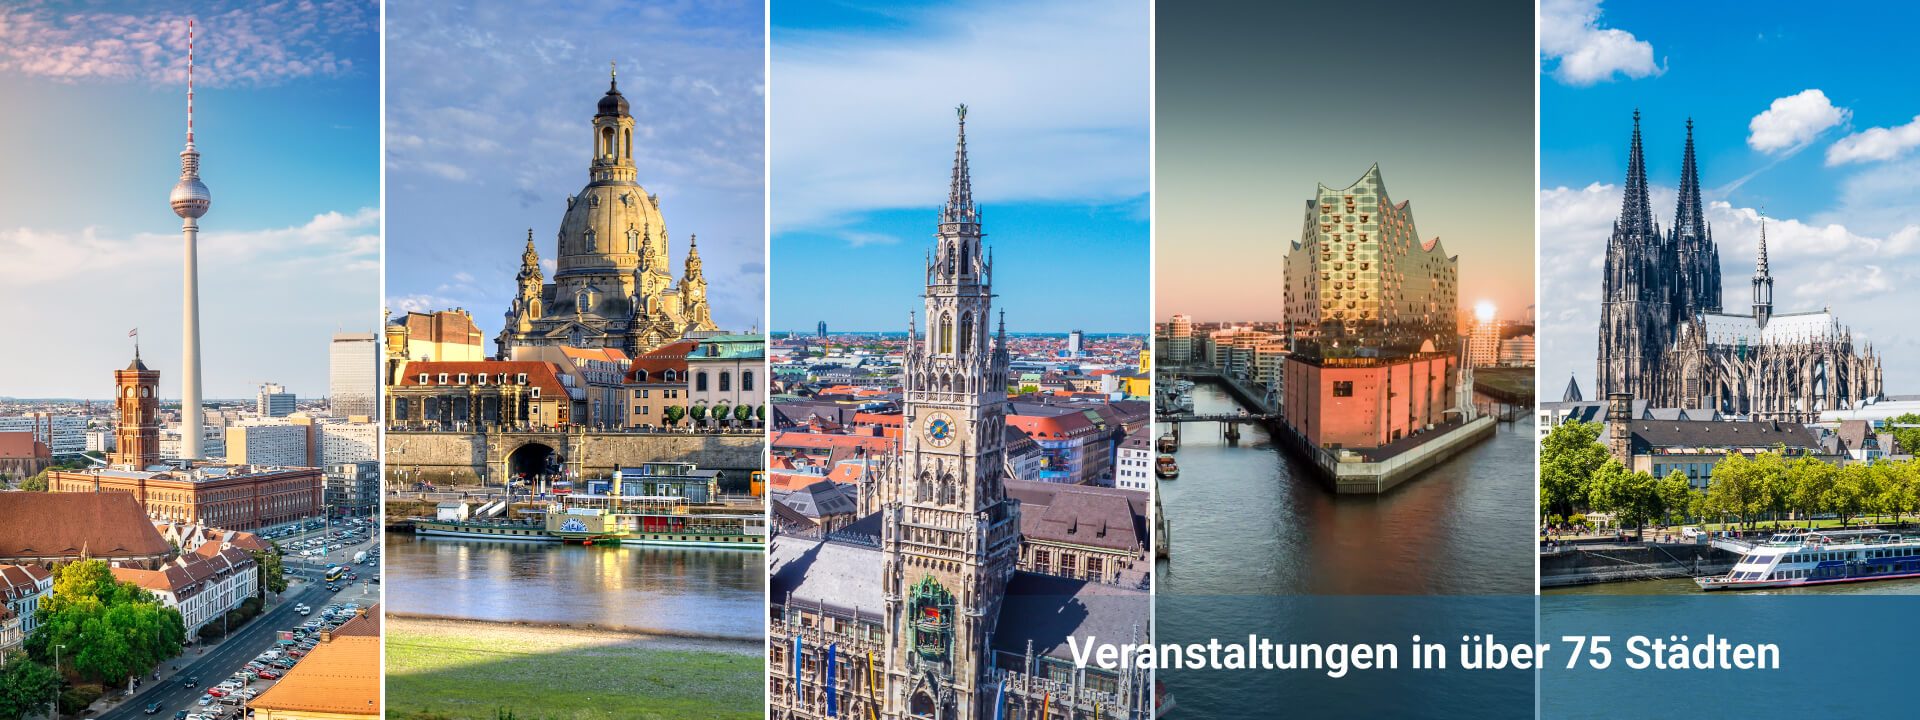 Veranstaltungen in über 75 Städten